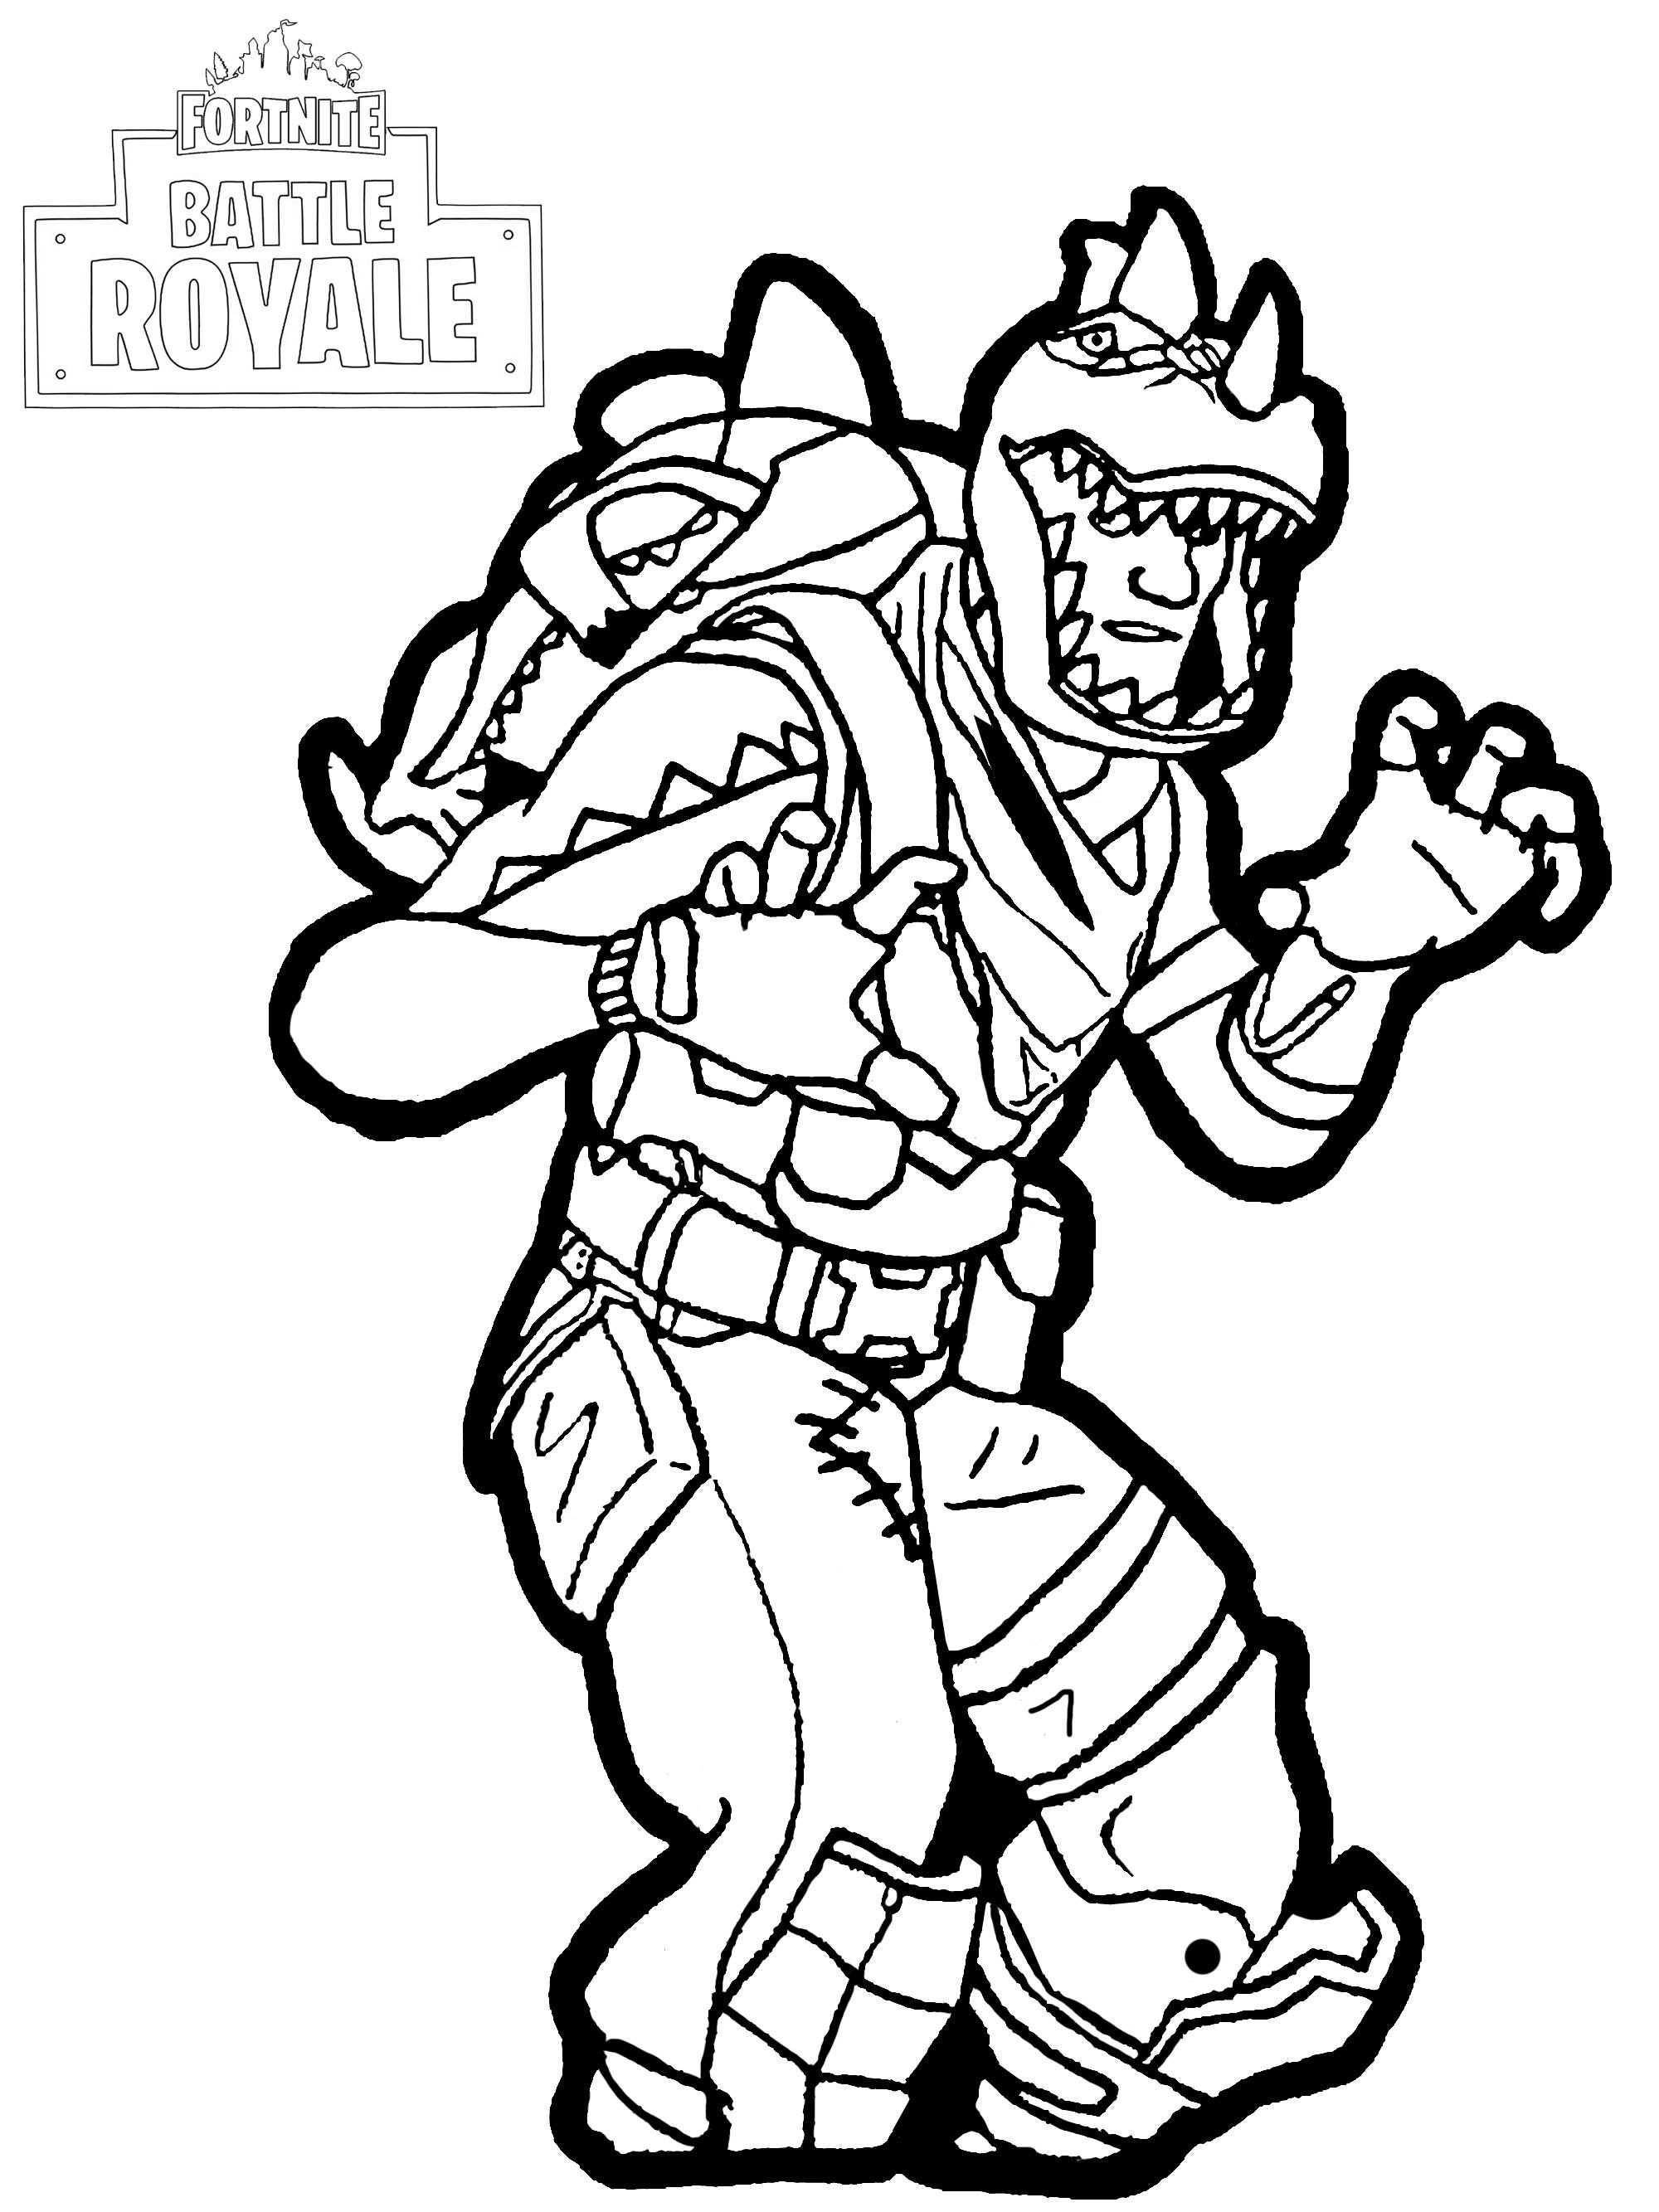 Fortnite Battle Royale Rex Fortnite Battle Royale Coloring